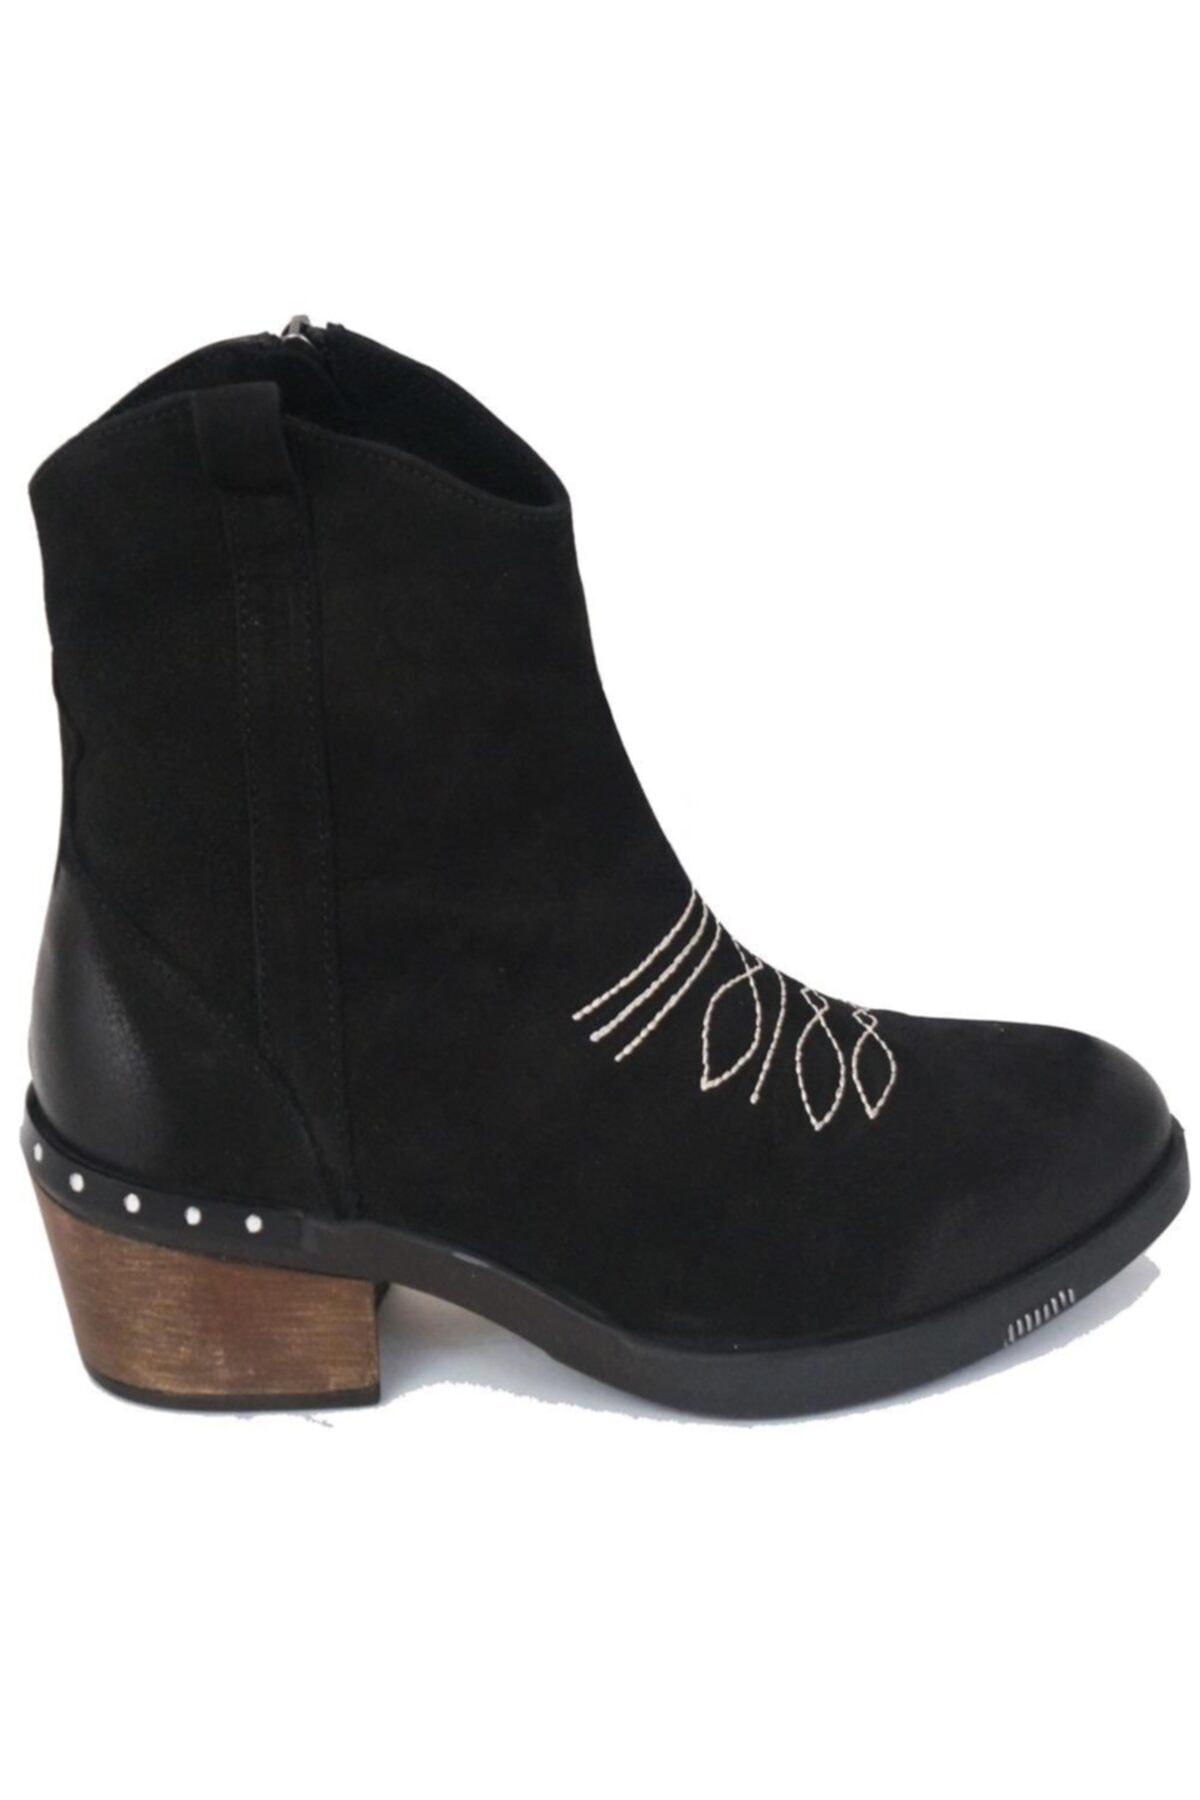 Ustalar Ayakkabı Çanta Siyah Kadın Western Hakiki Deri Bot 401.53-08 2